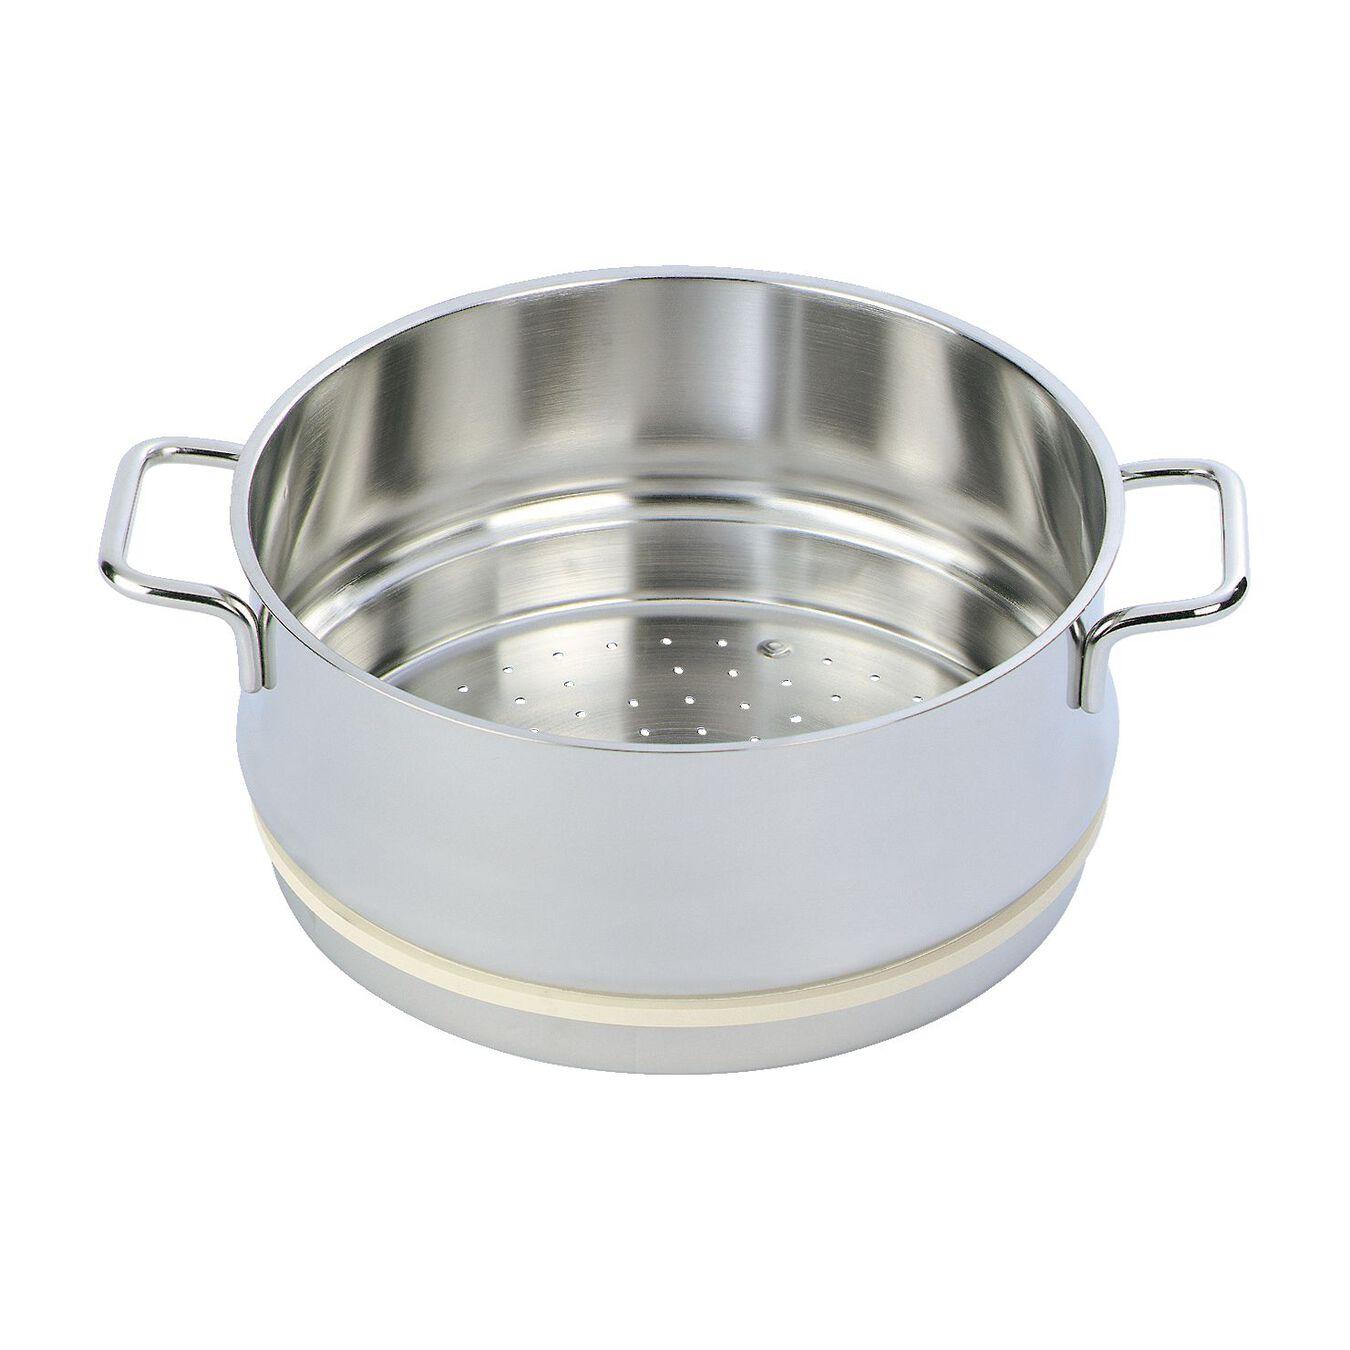 Passoire pour cuit vapeur 20 cm, Inox 18/10,,large 1